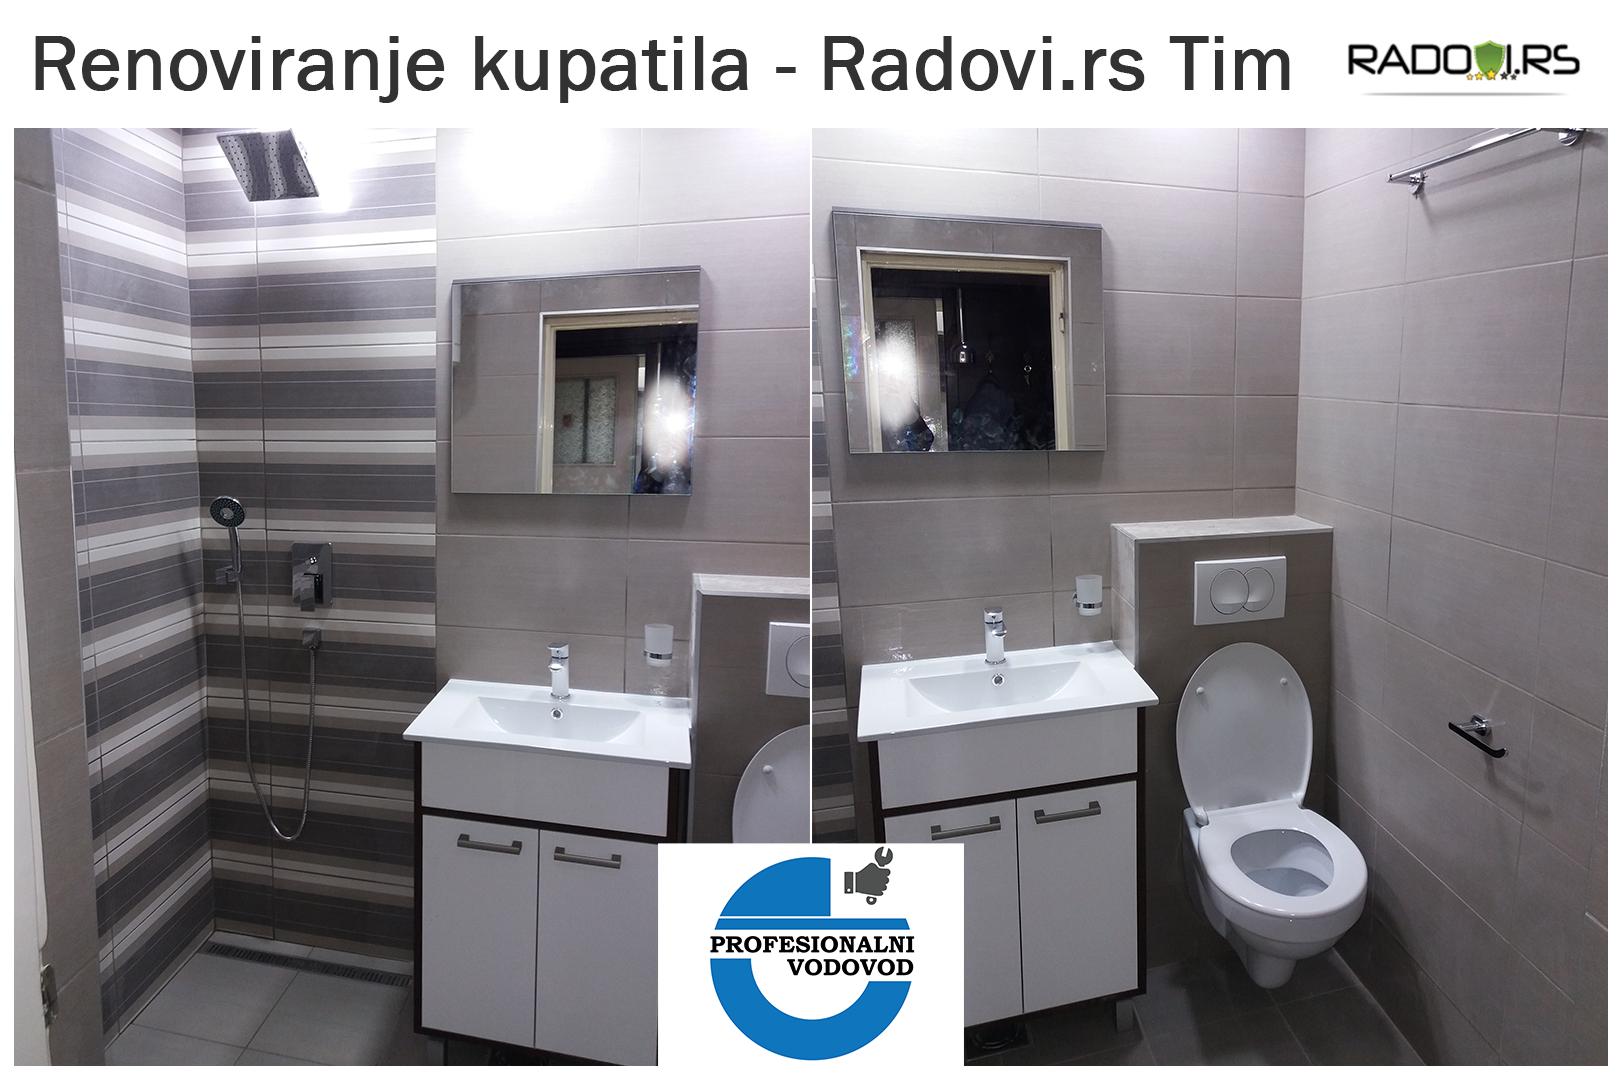 Renoviranje kupatila- posle - Radovi.rs Tim